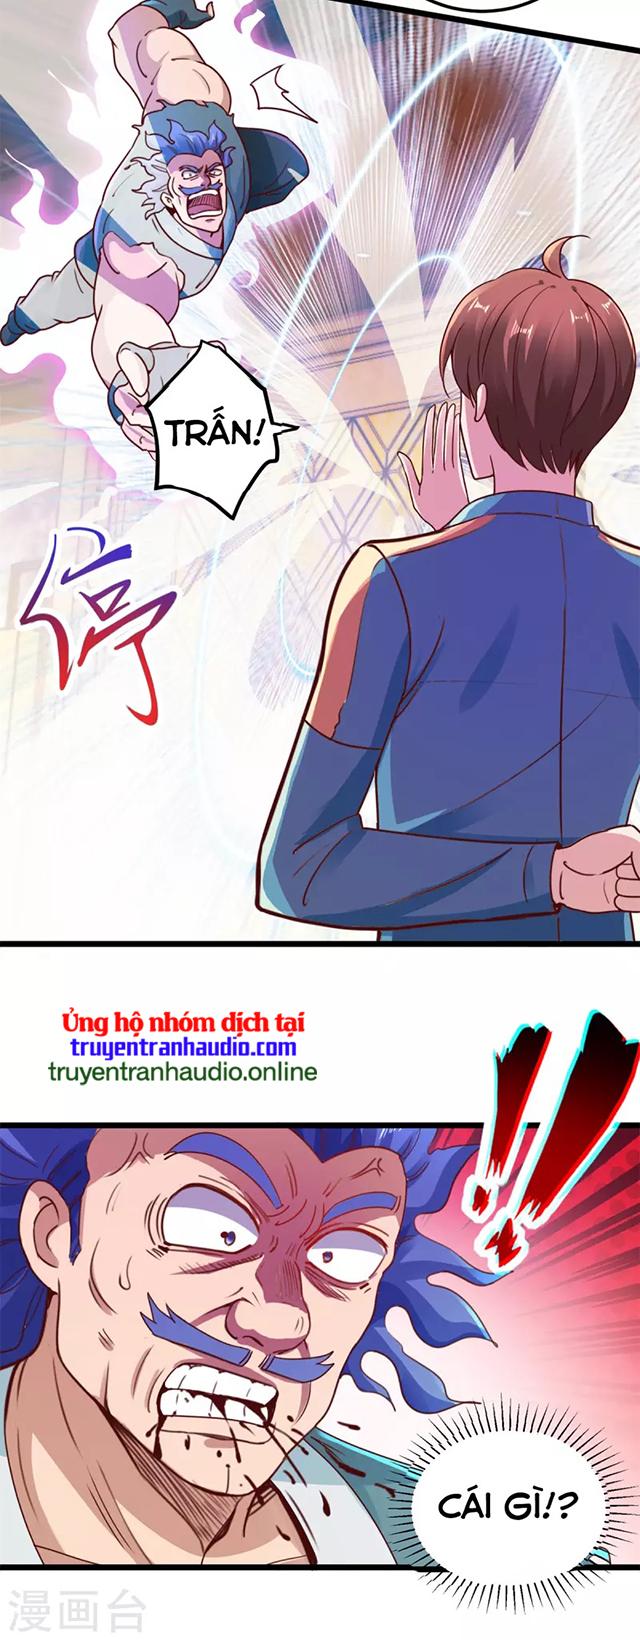 Trọng Sinh Địa Cầu Tiên Tôn Chương 90 - Vcomic.net